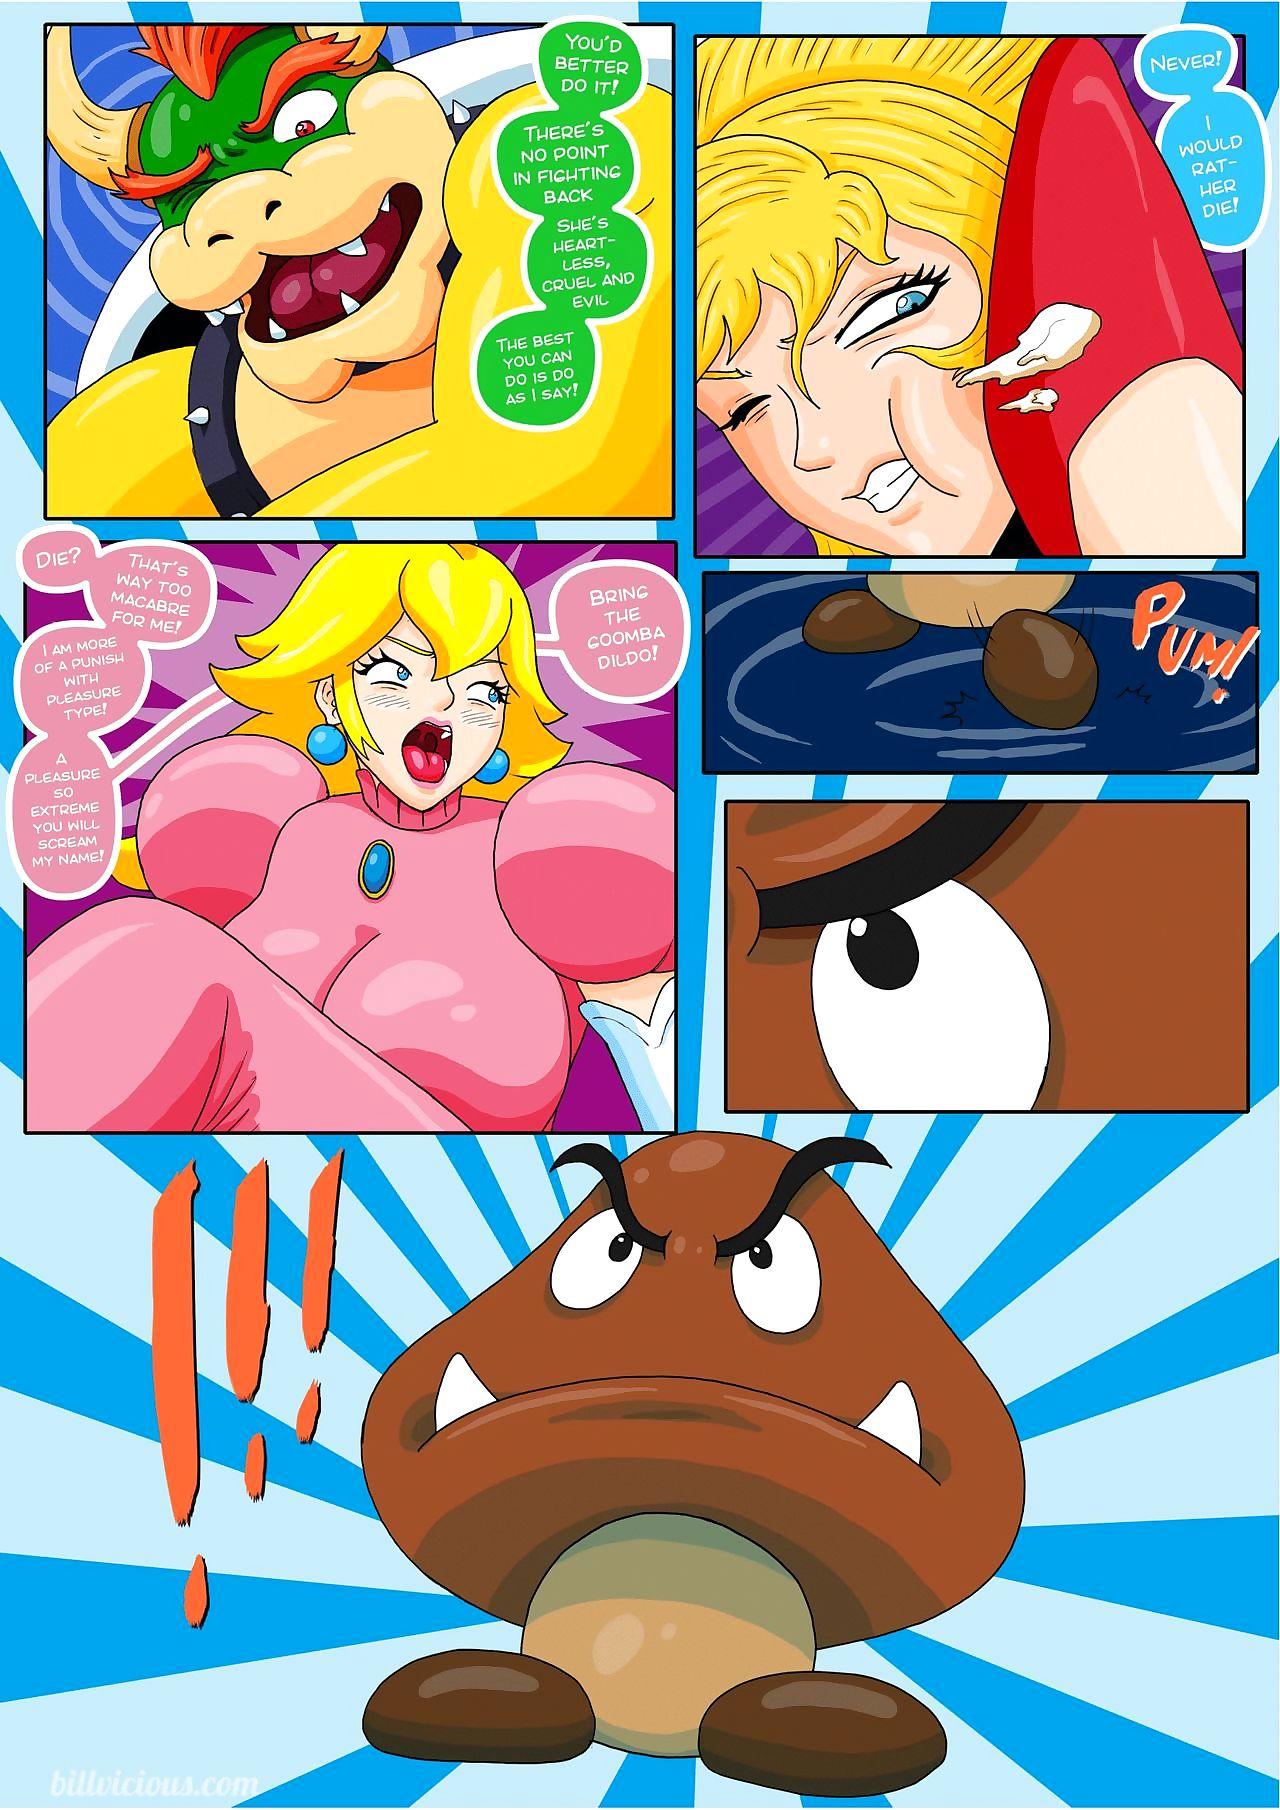 Bill Vicious-Nintendo fantasies Peach X Samus